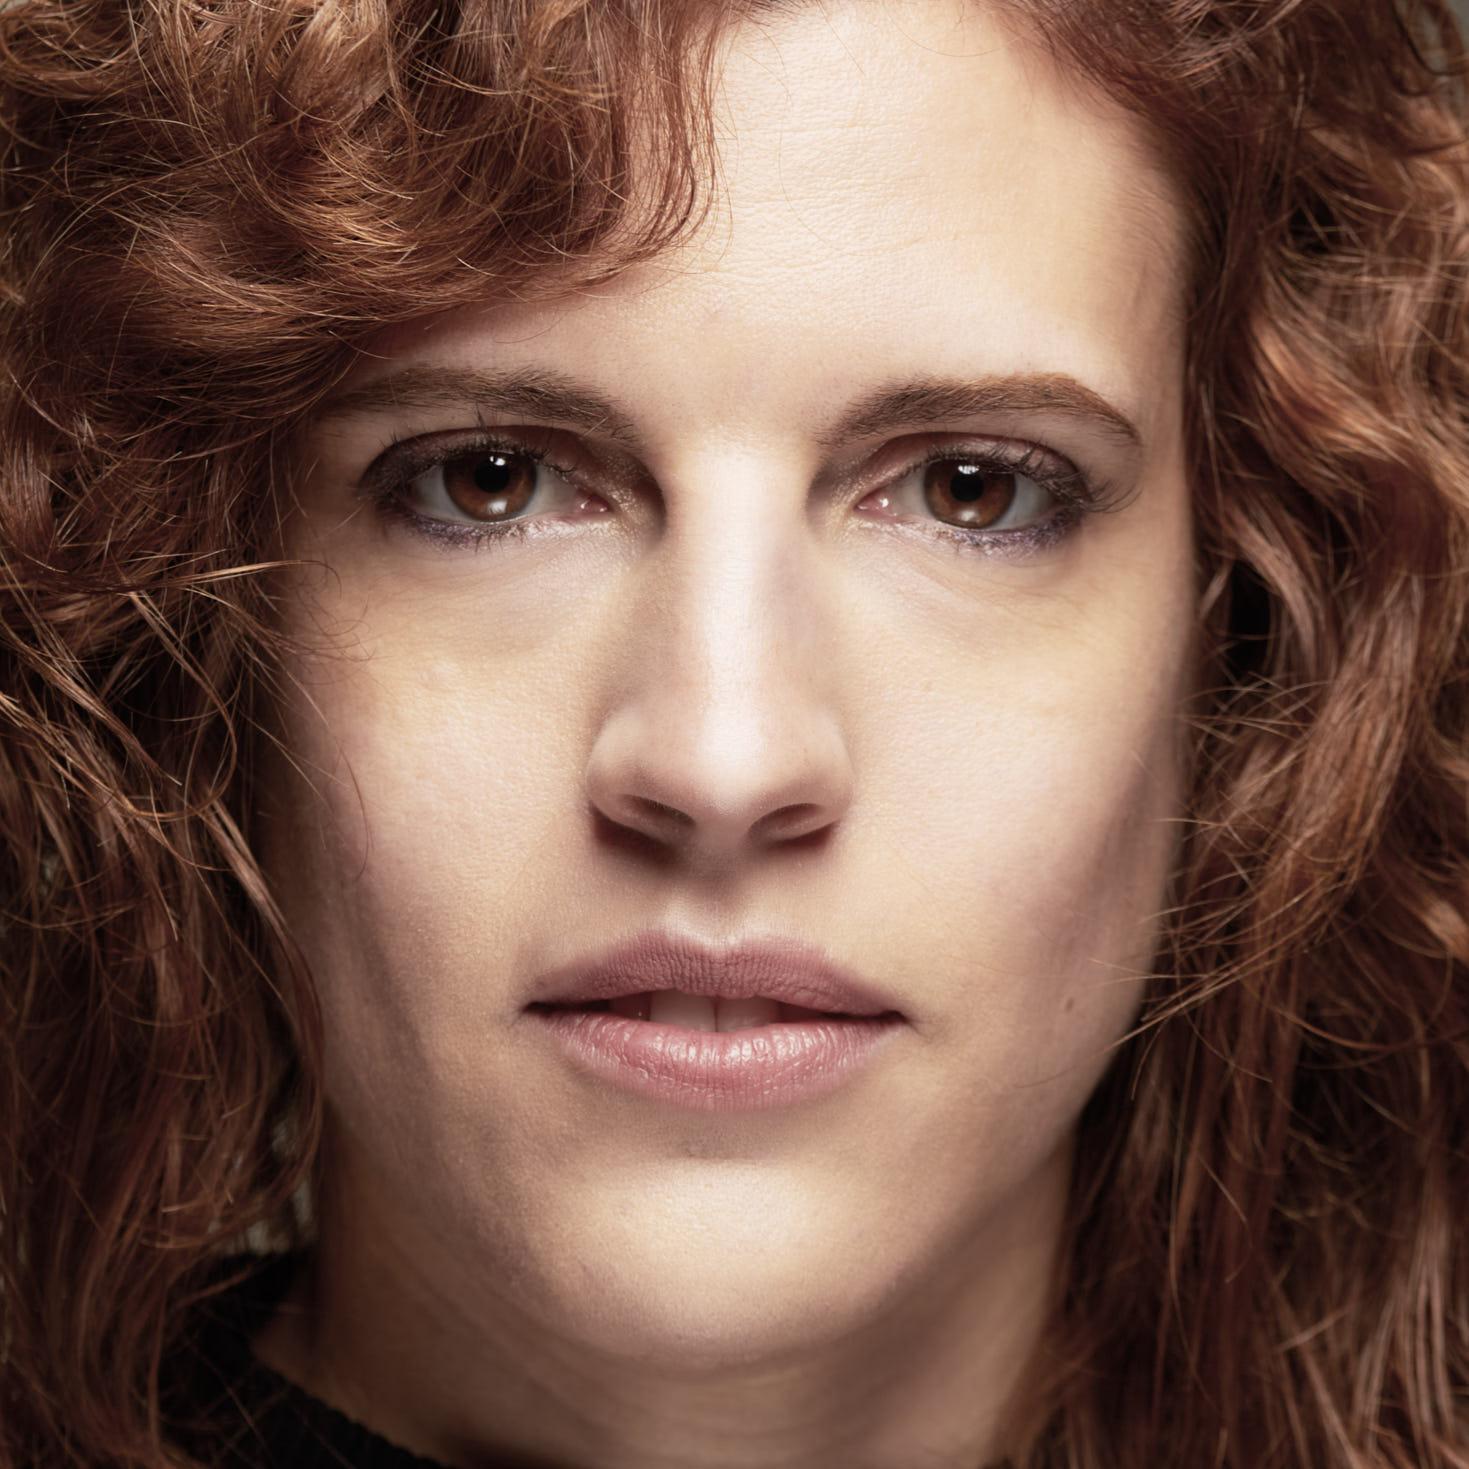 Victoria Jiménez